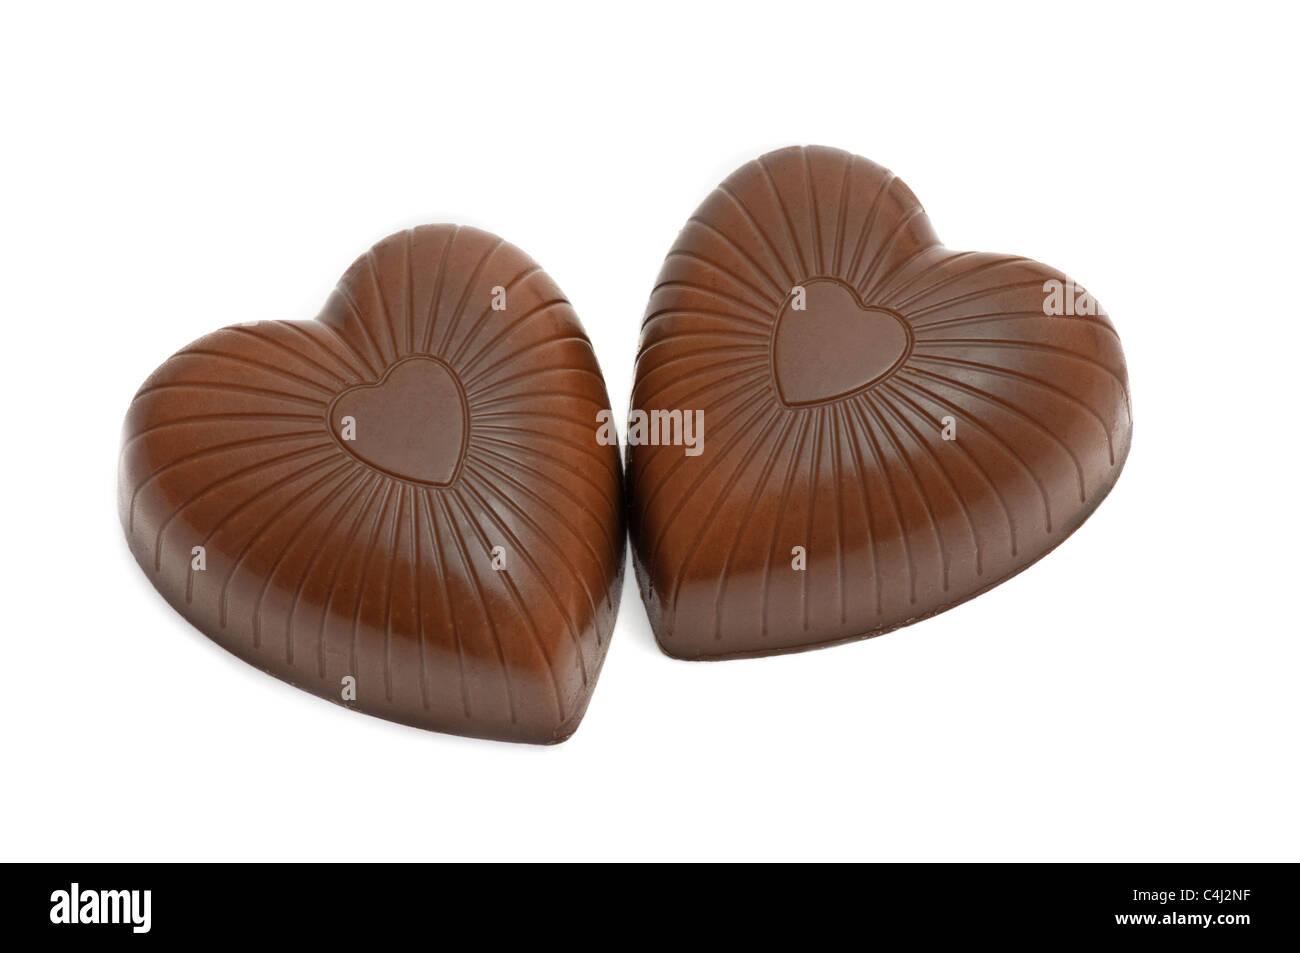 Coppia oftop vista di cioccolato a forma di cuore caramelle isolato su bianco Immagini Stock